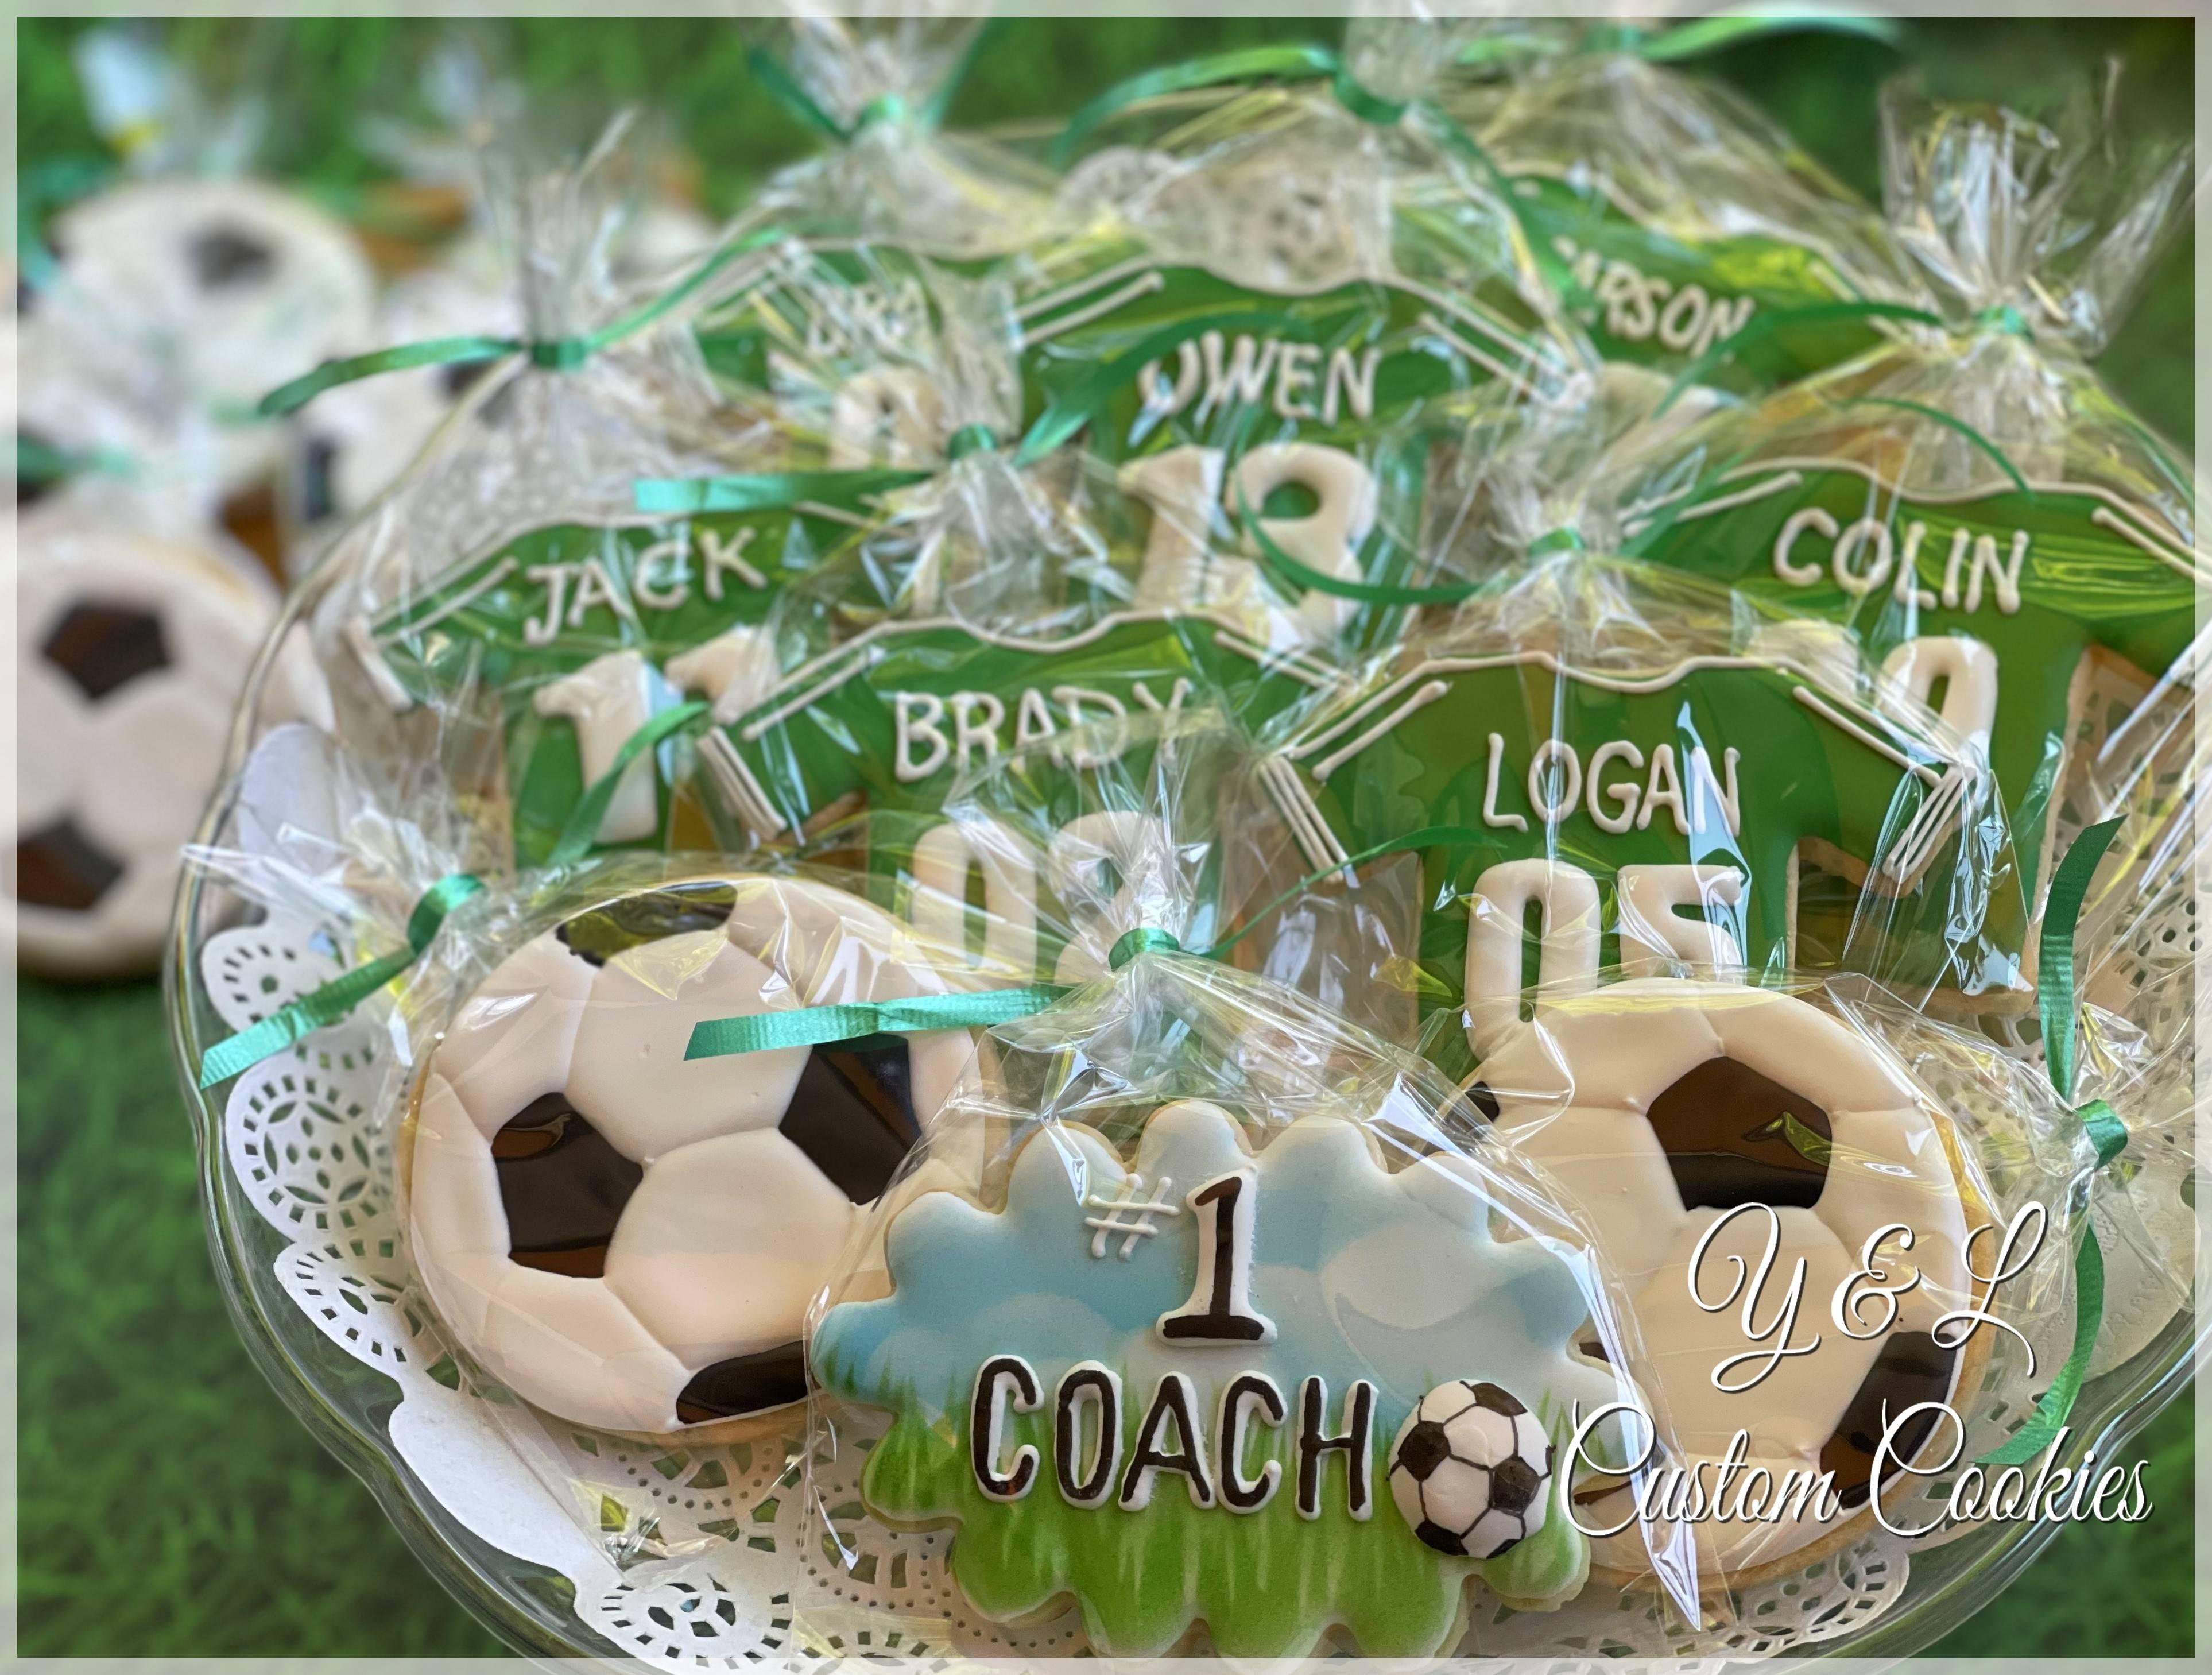 Soccer ball,  Jerseys & #1 Coach